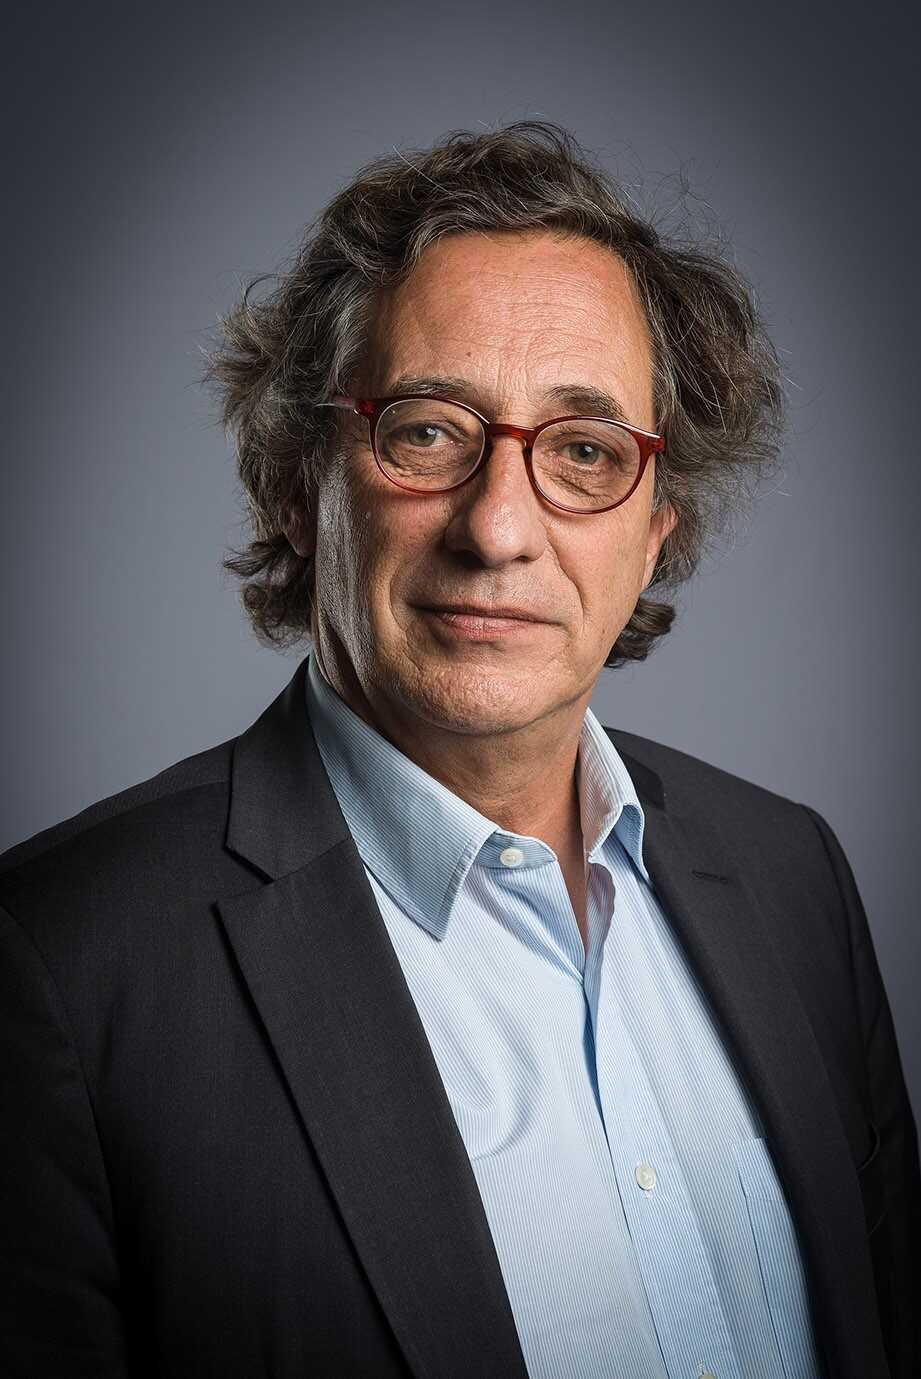 Pierre Schoeffler